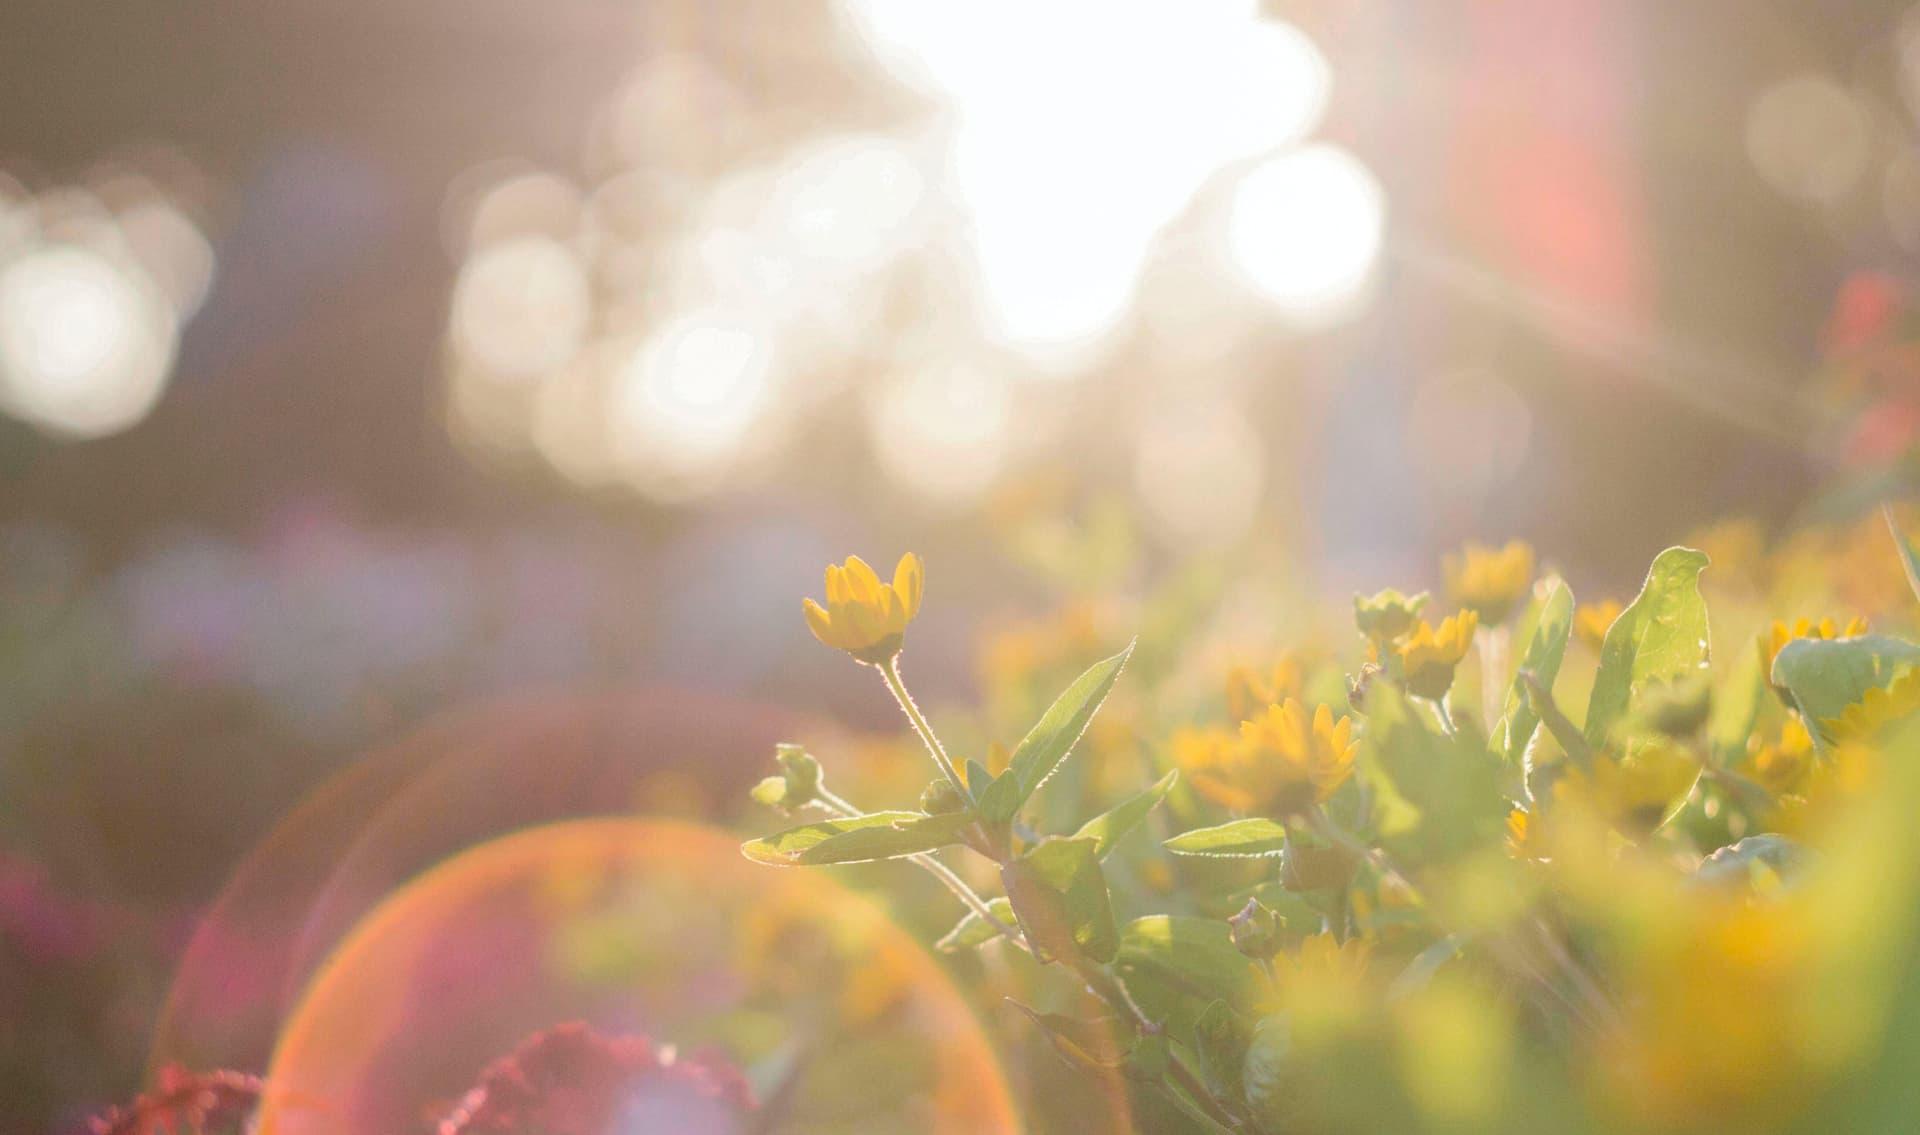 Gelbe Blumen im Sonnenlicht